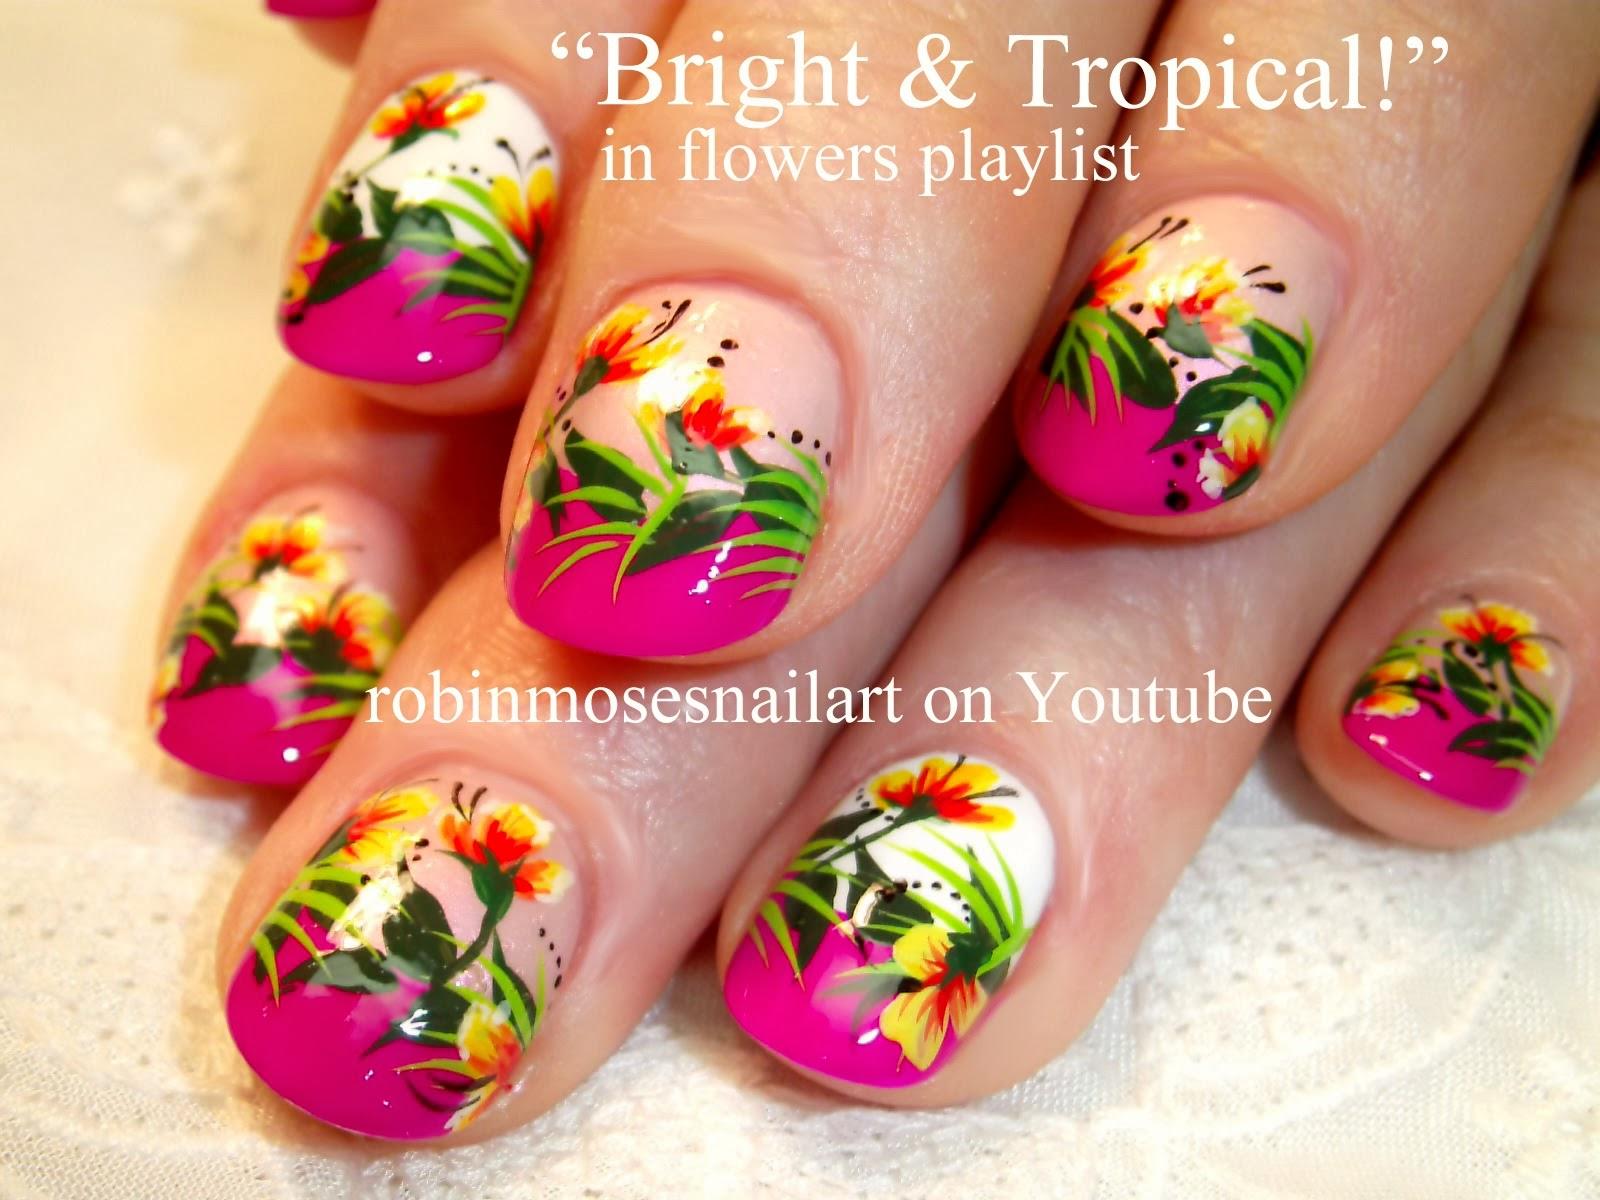 Robin moses nail art tropical nail art coral nail art neon nail art diva bling swag prinsesfo Image collections